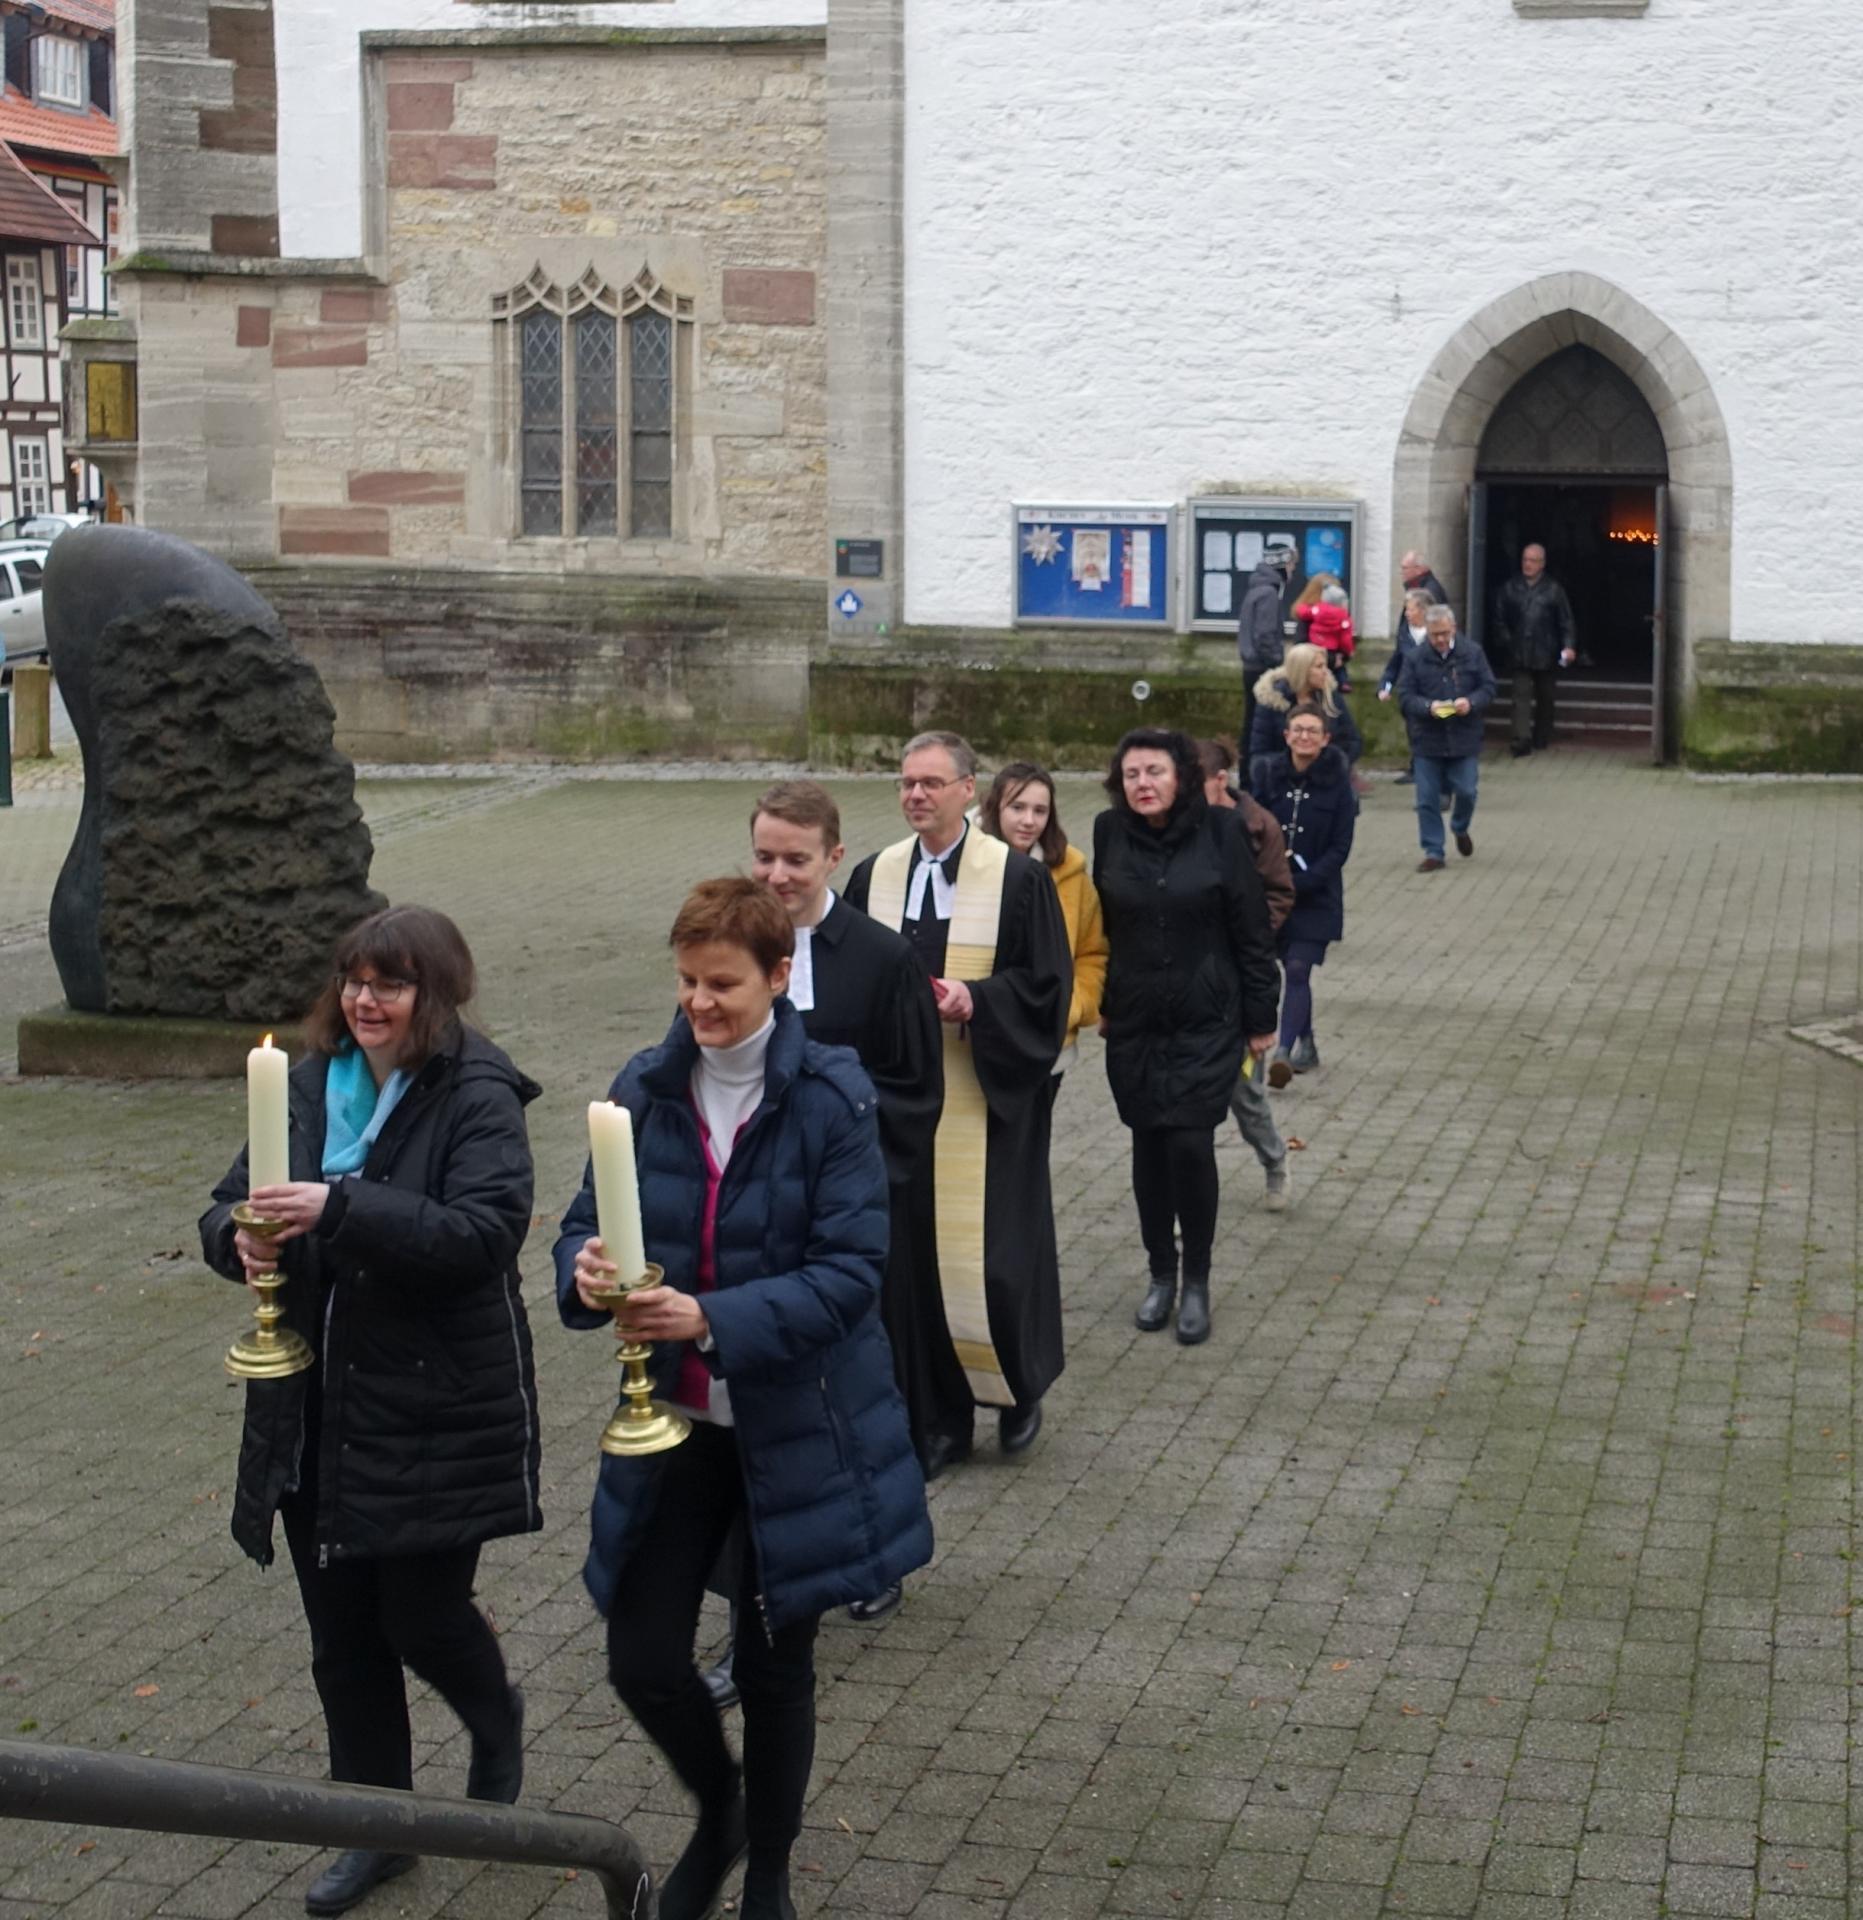 Auszug aus der Kirche am 05.01.2020- dem letzten Gottesdienst in der Kirche. Kreuz und Kerzen werden in das Gemeindehaus gebracht.